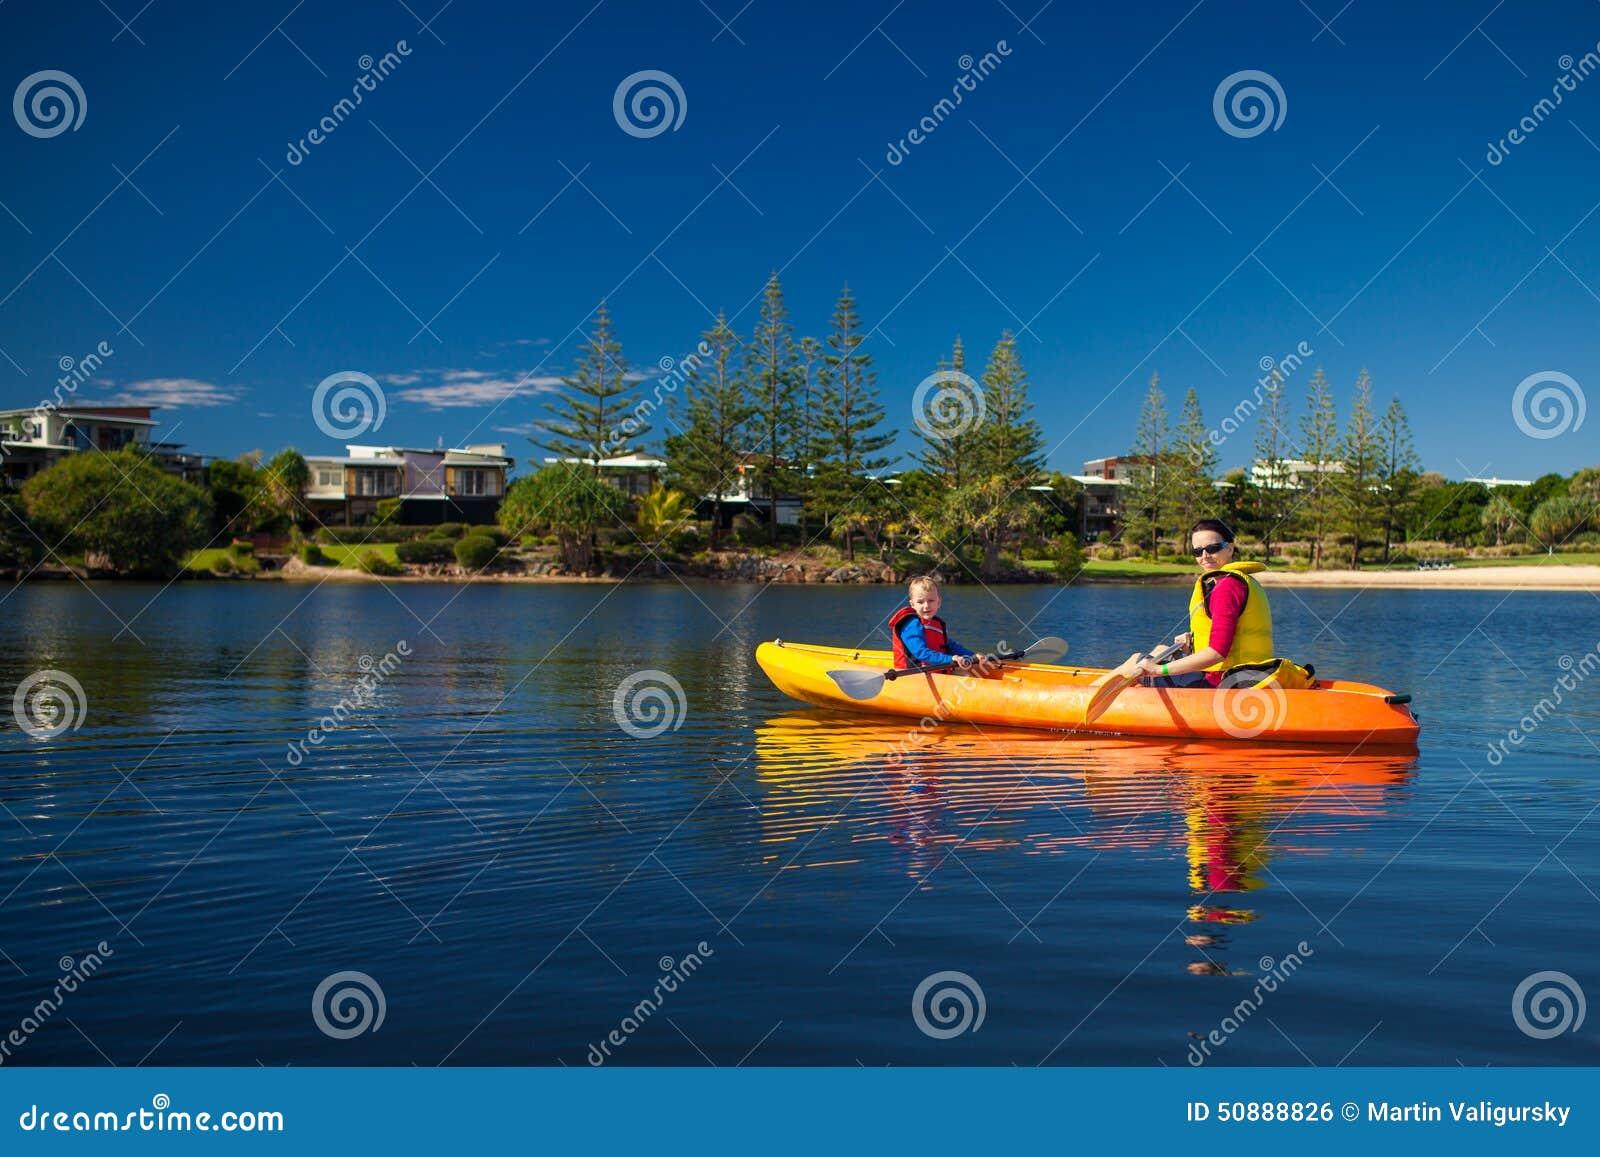 划皮船在一个小湖的母亲和儿子